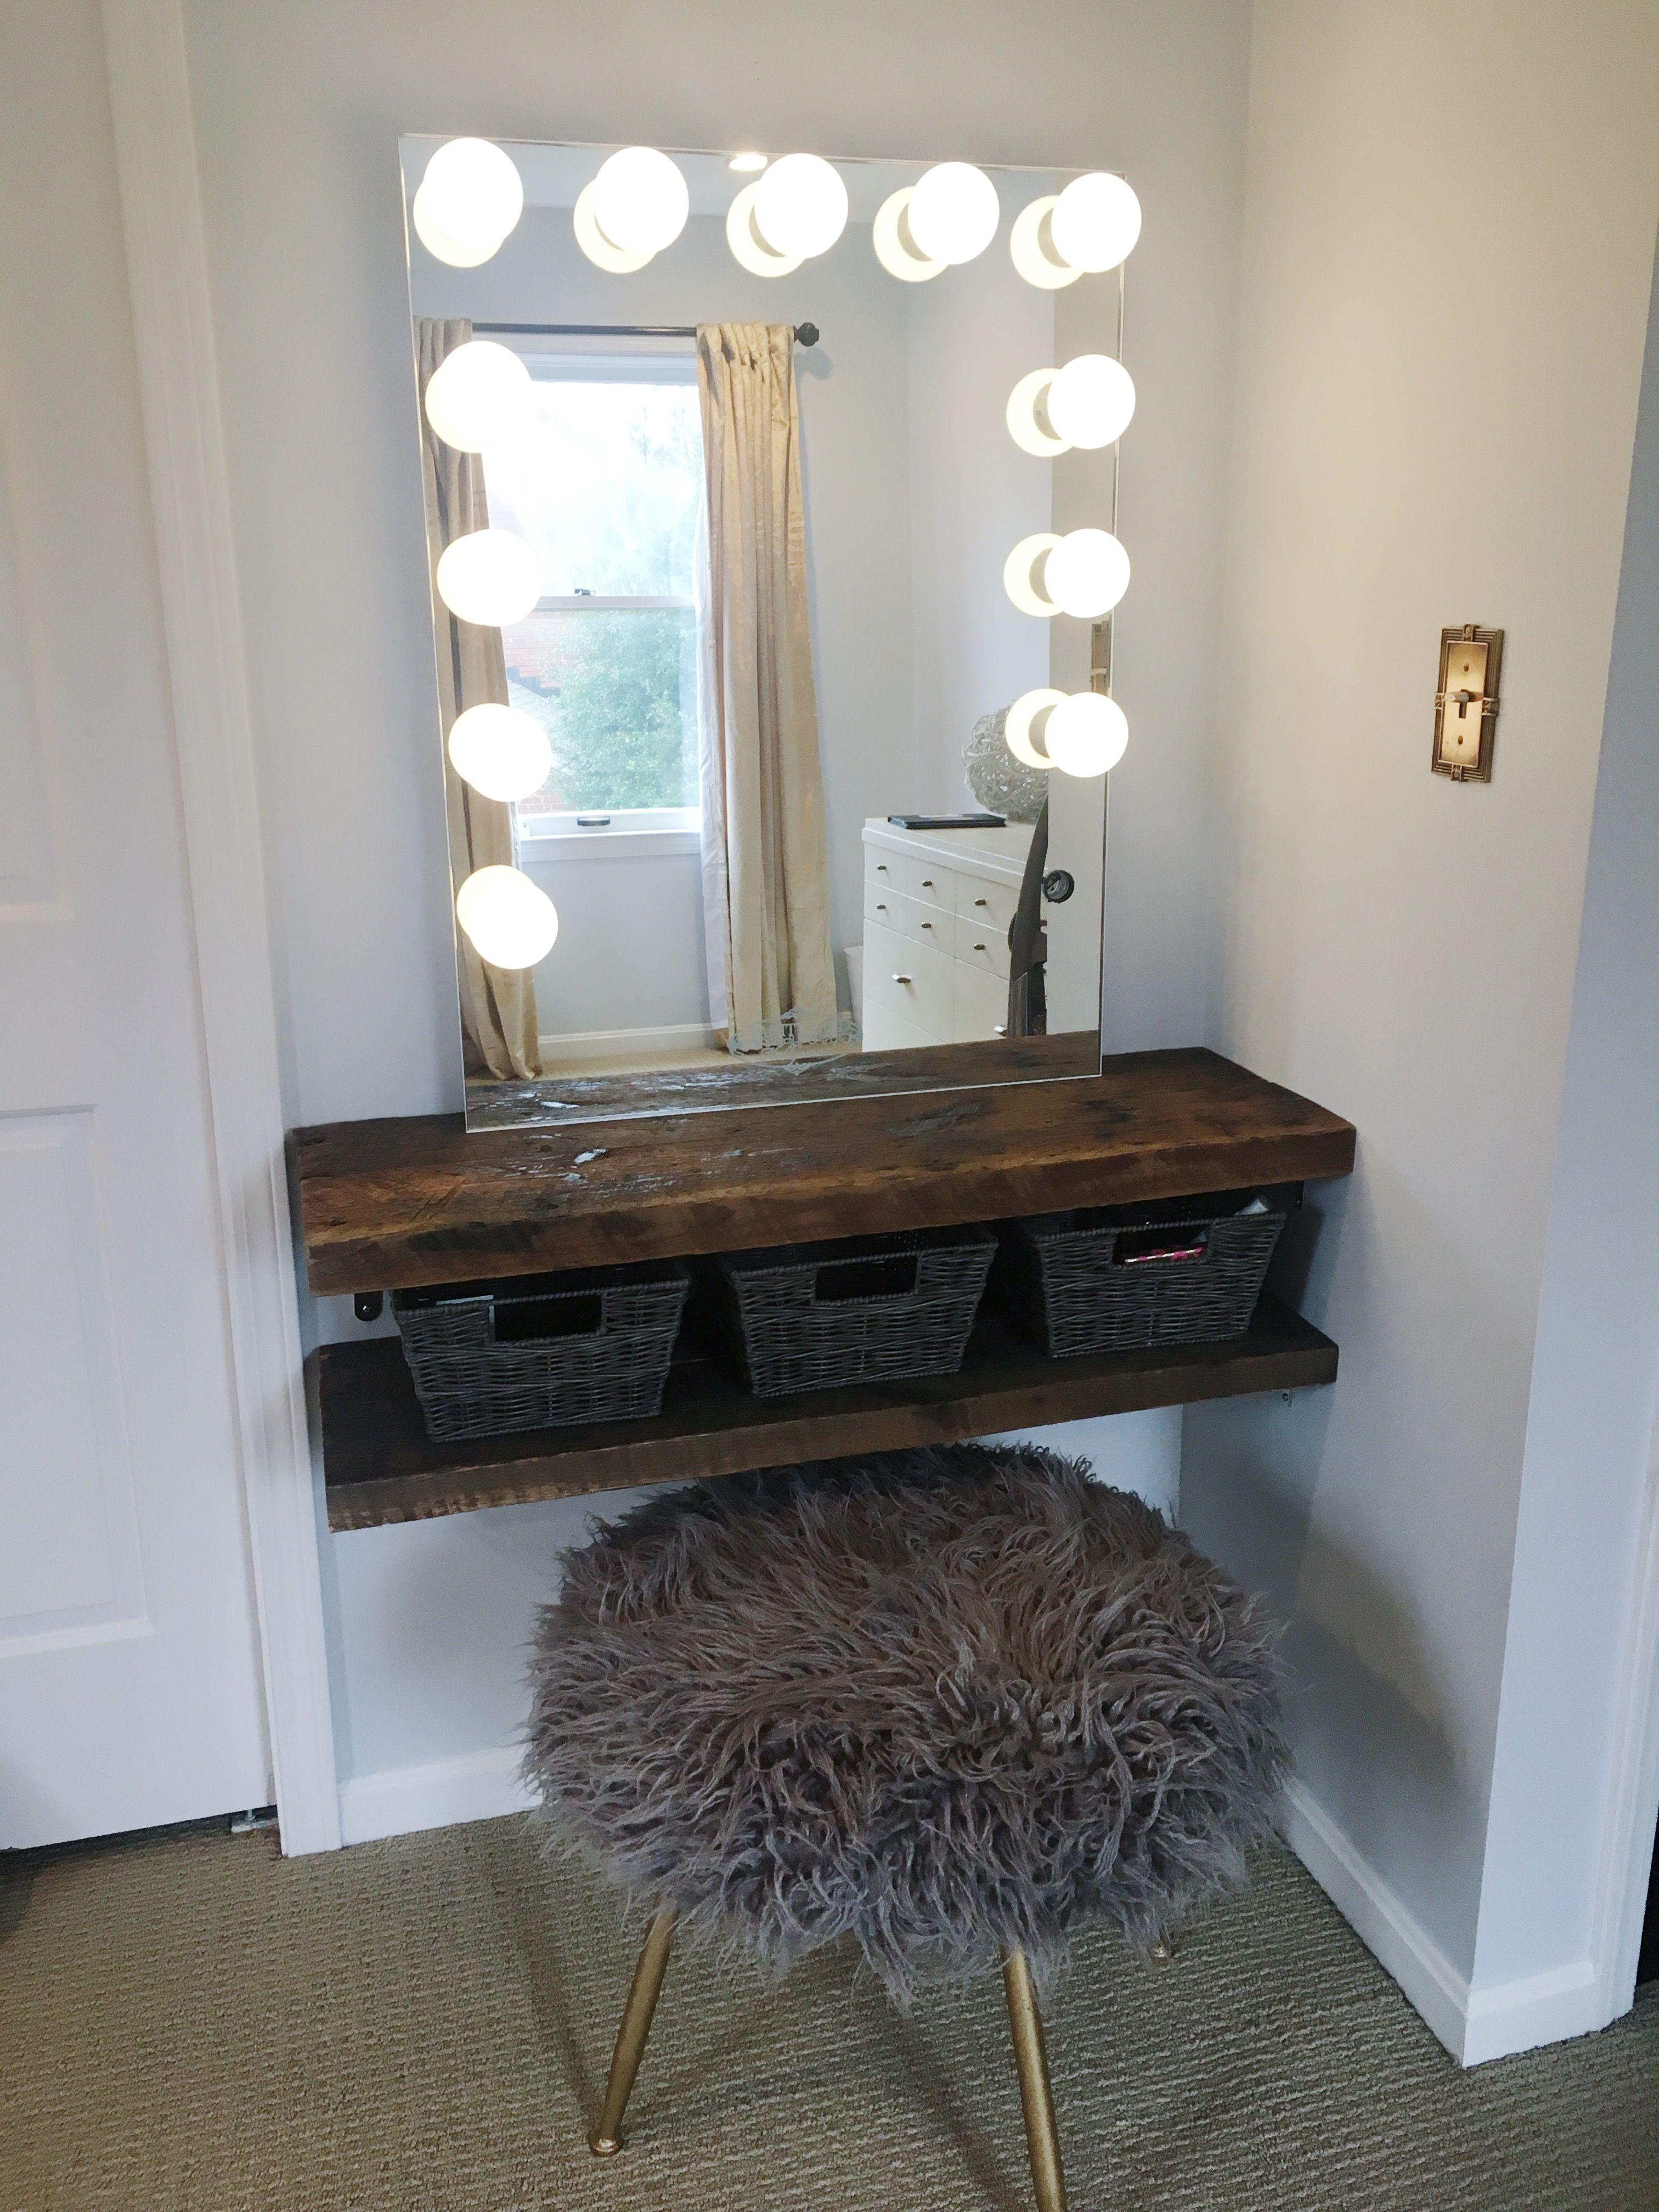 Diy Rustic Makeup Vanity Diy Beauty Room Vanity Diy Bedroom